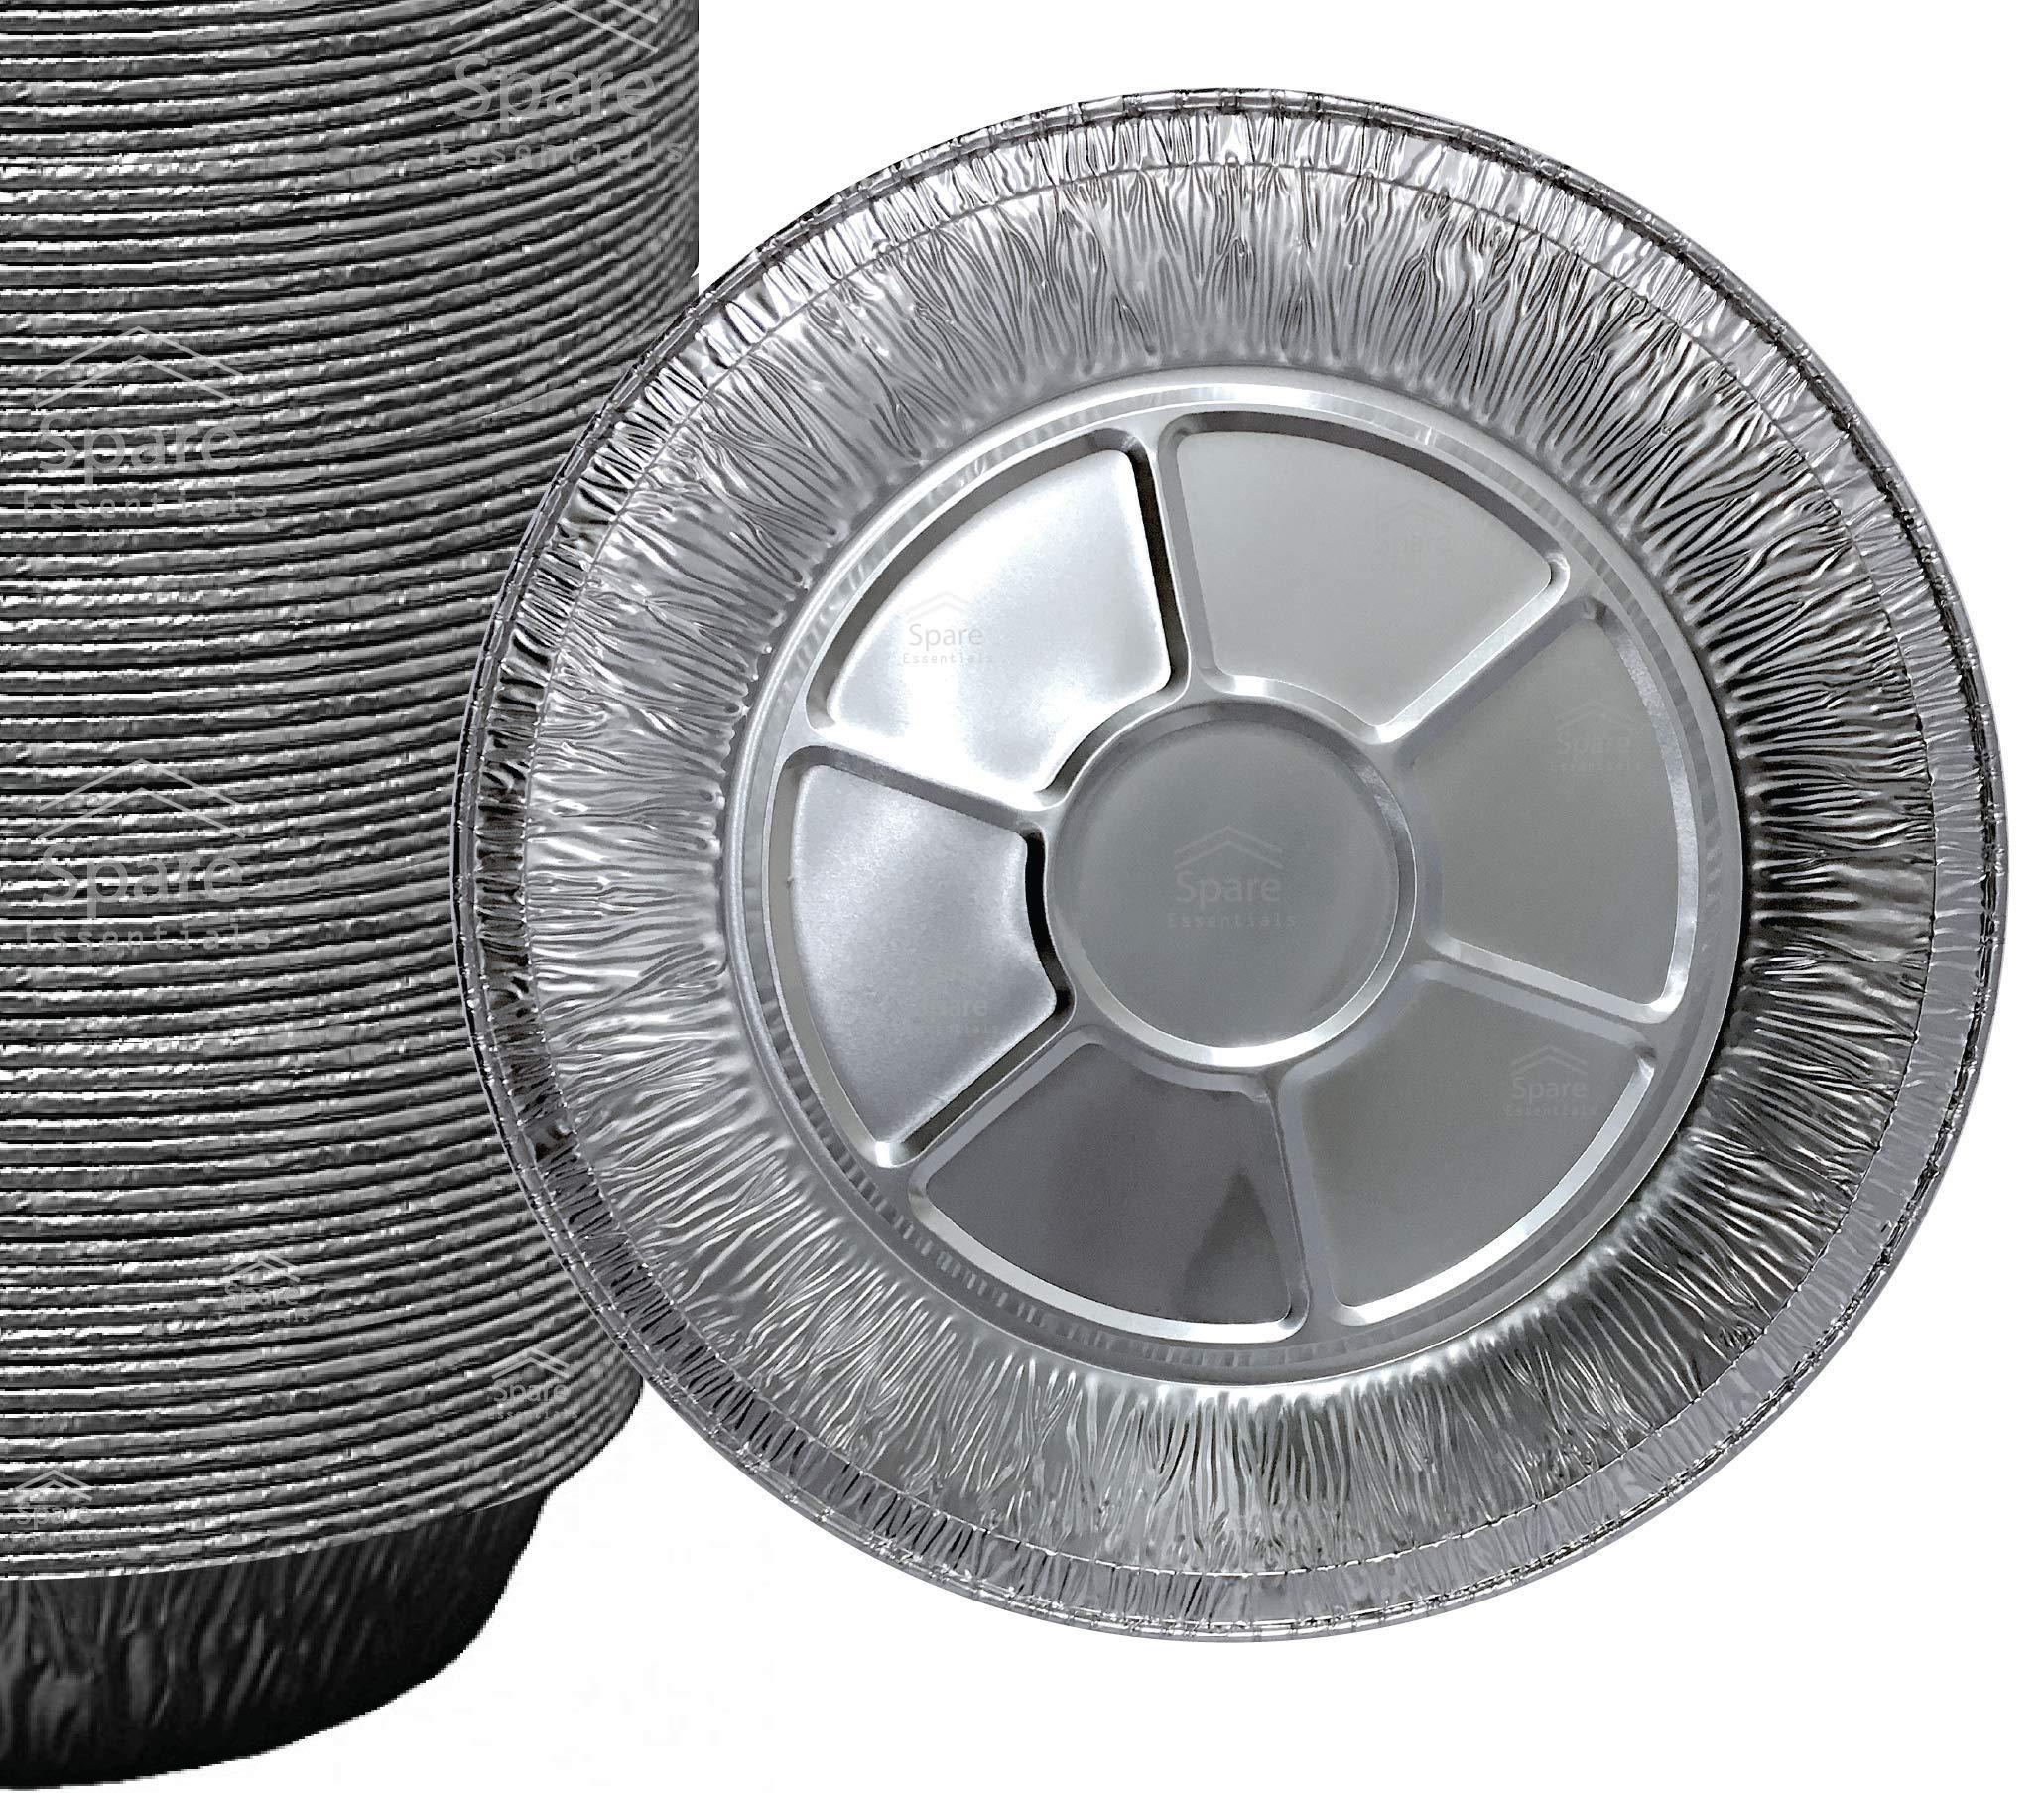 25 Pack 9'' Pie Pans/Disposable Plates/Aluminum Foil Quinche Pan/Tart Tins/Pie Tins/Aluminum Pie Pans by Spare Essentials